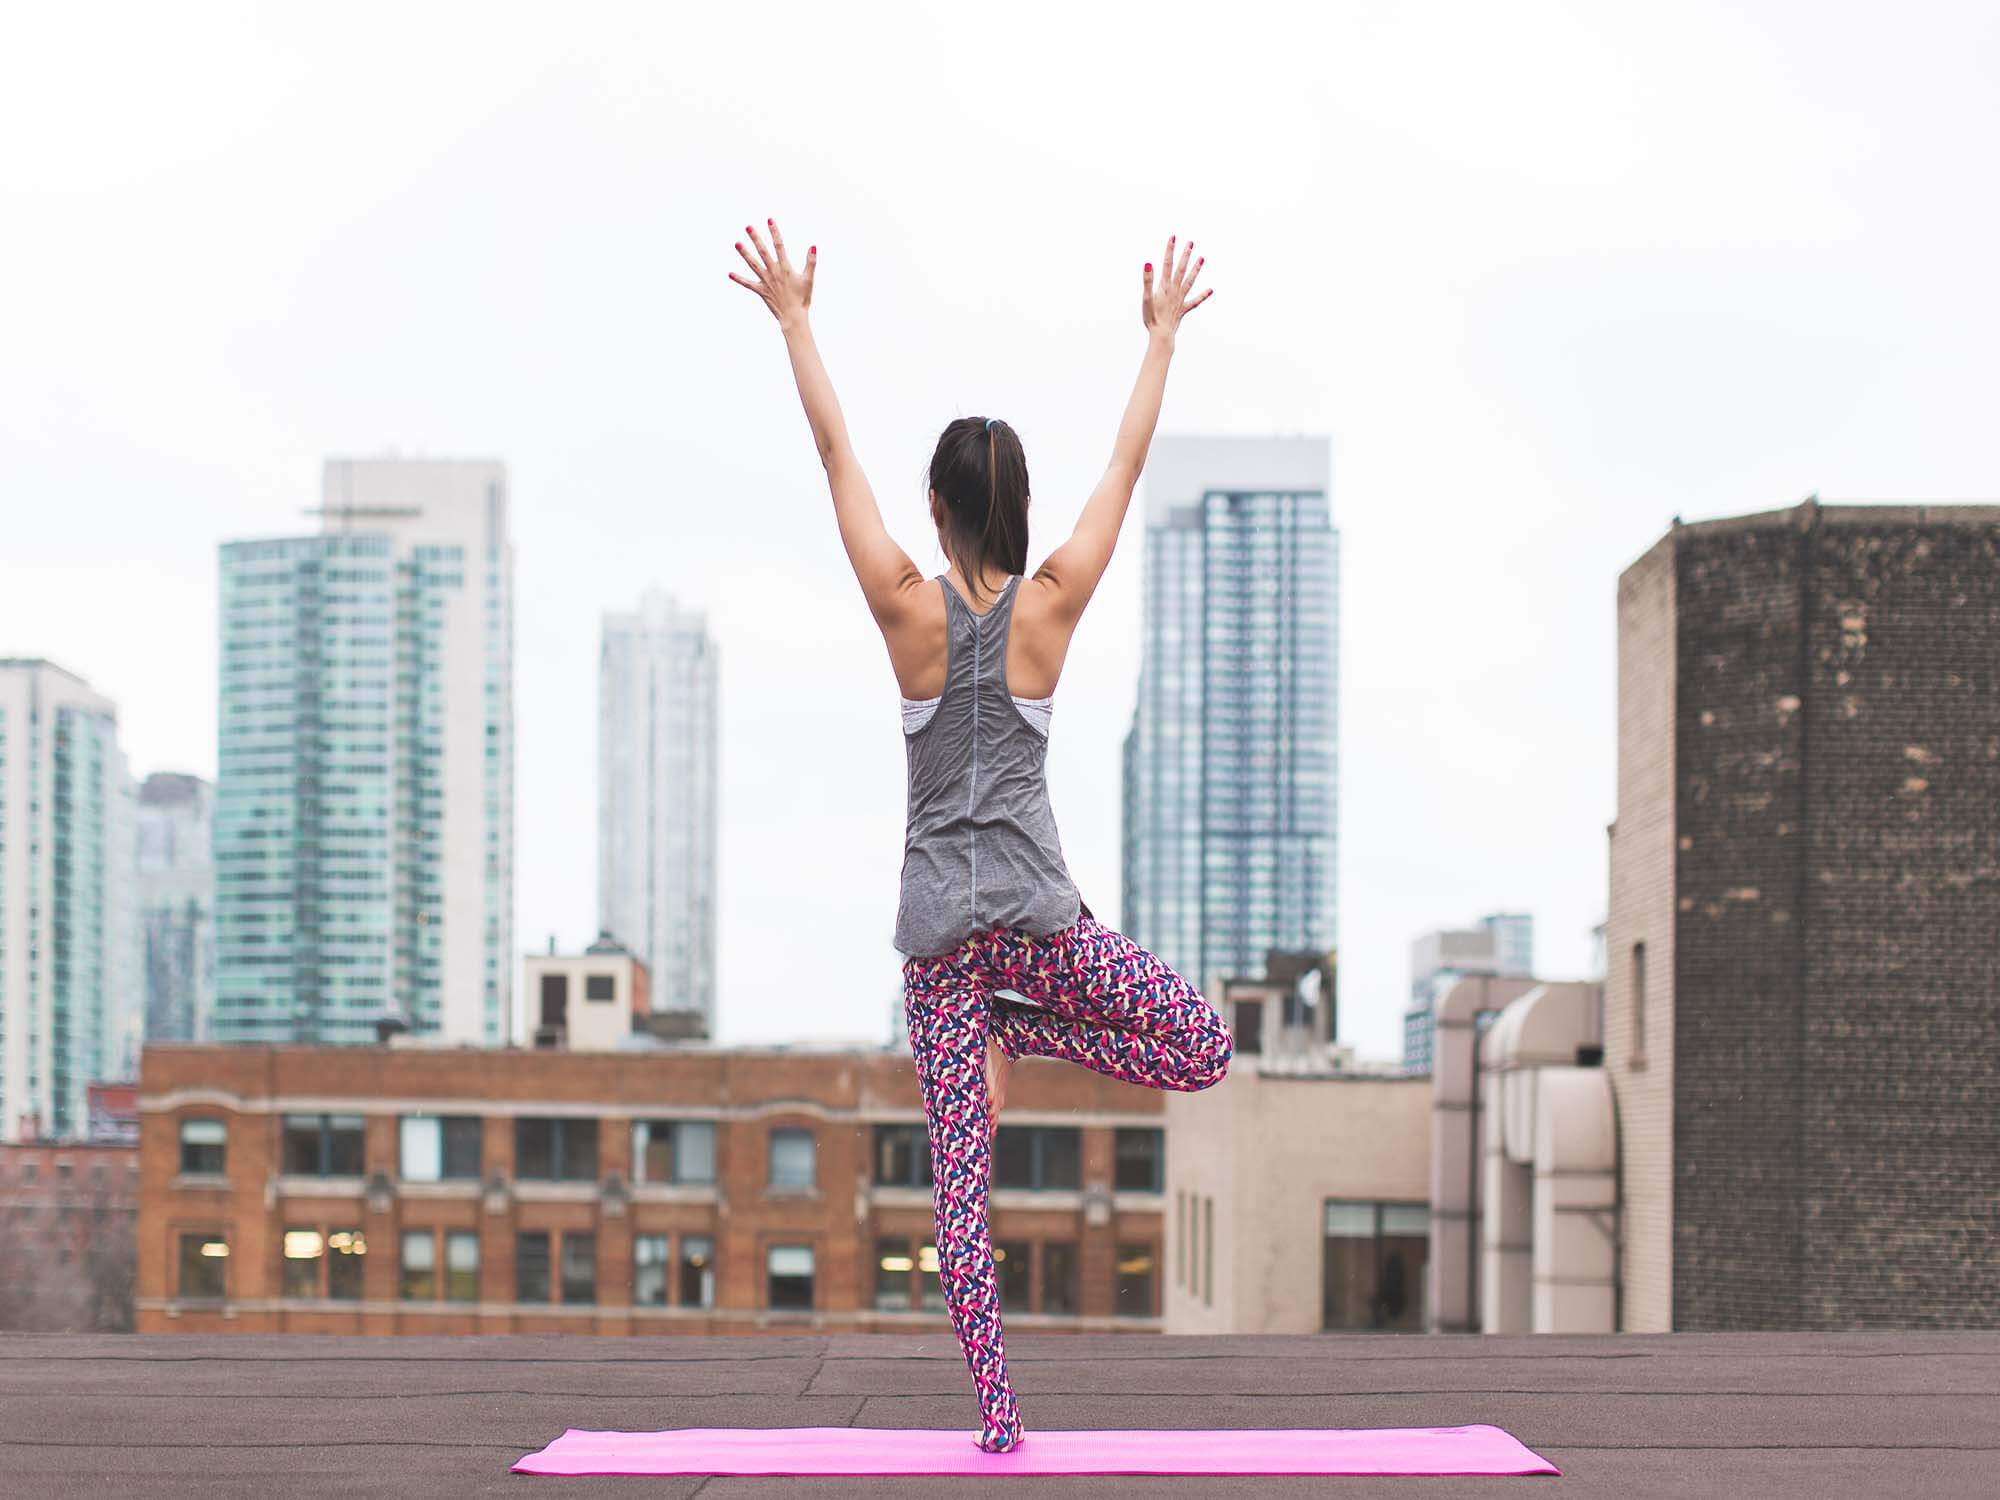 Actividad, ejercicio y deporte hábitos esenciales para nuestra salud